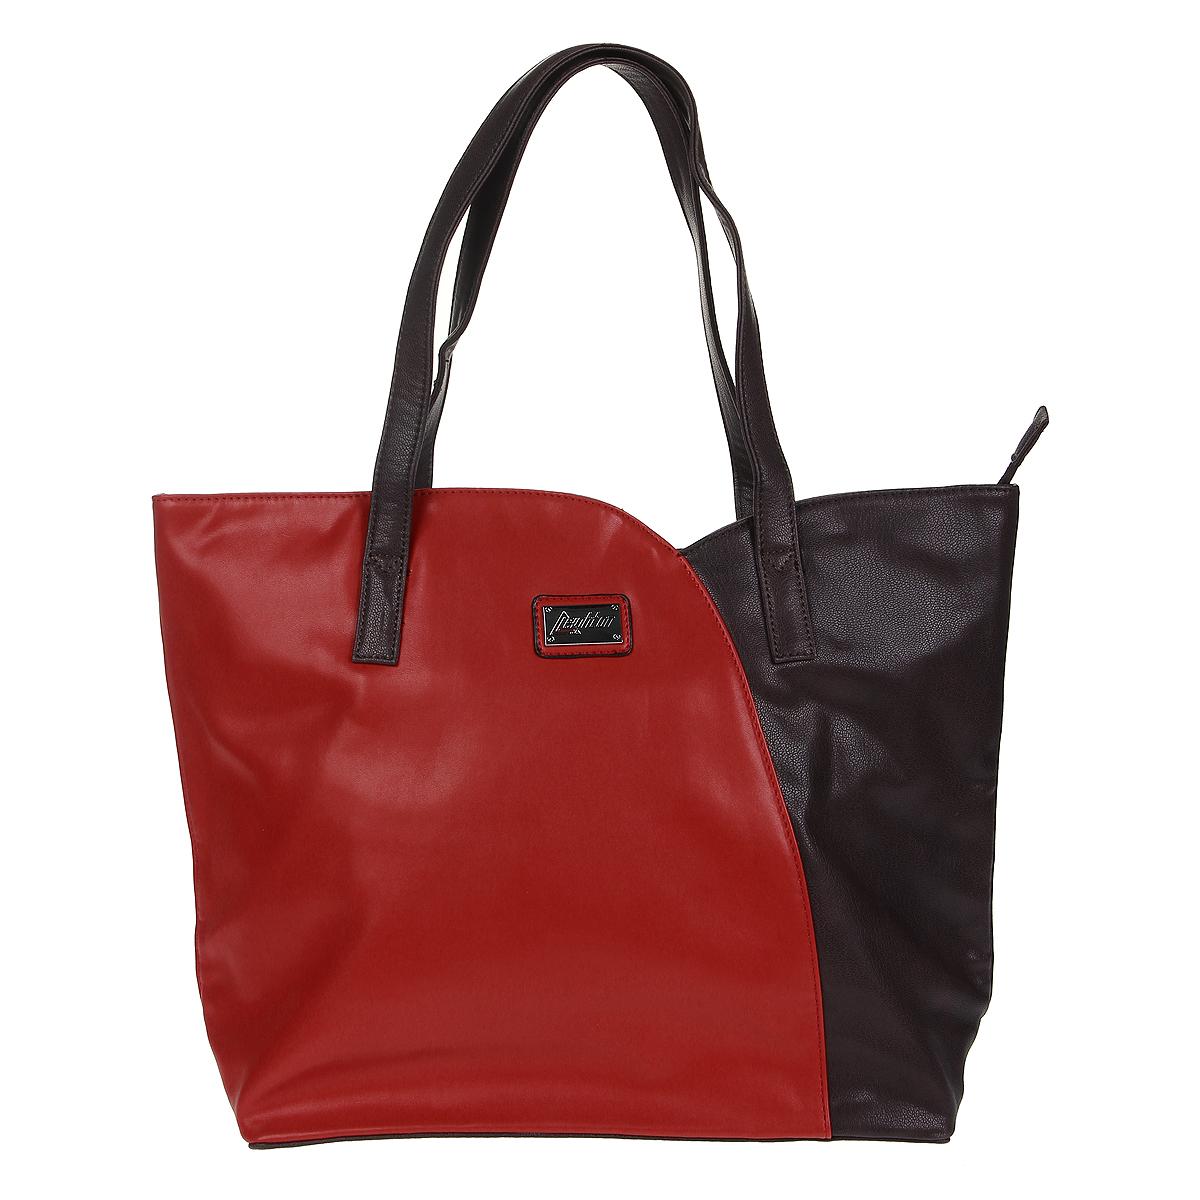 Сумка женская Leighton, цвет: бордовый, красный. 510369-339/19/275/15510369-339/19/275/15Стильная женская сумка Leighton выполнена из мягкой искусственной кожи бордового цвета с красными вставками. К сумке прикреплен оригинальный брелок с логотипом фирмы. Сумка имеет одно основное отделение, которое закрывается на застежку-молнию. Внутри - смежный карман на молнии, вшитый карман на молнии и два накладных кармашка для телефона и мелочей. С задней стороны сумки расположен дополнительный вшитый карман на молнии. Сумка оснащена двумя удобными ручками. На дне сумки расположены ножки для лучшей устойчивости. Фурнитура - серебристого цвета. Стильная сумка Leighton станет финальным штрихом в создании вашего неповторимого образа. Женская сумочка Leighton - это воплощение элегантности и шика. Высококачественные материалы, чистота линий, как выбор стиля, идут об руку с модными тенденциями. Обладательницей данной коллекции может быть только сильная и независимая женщина, бросающая вызов обыденности.